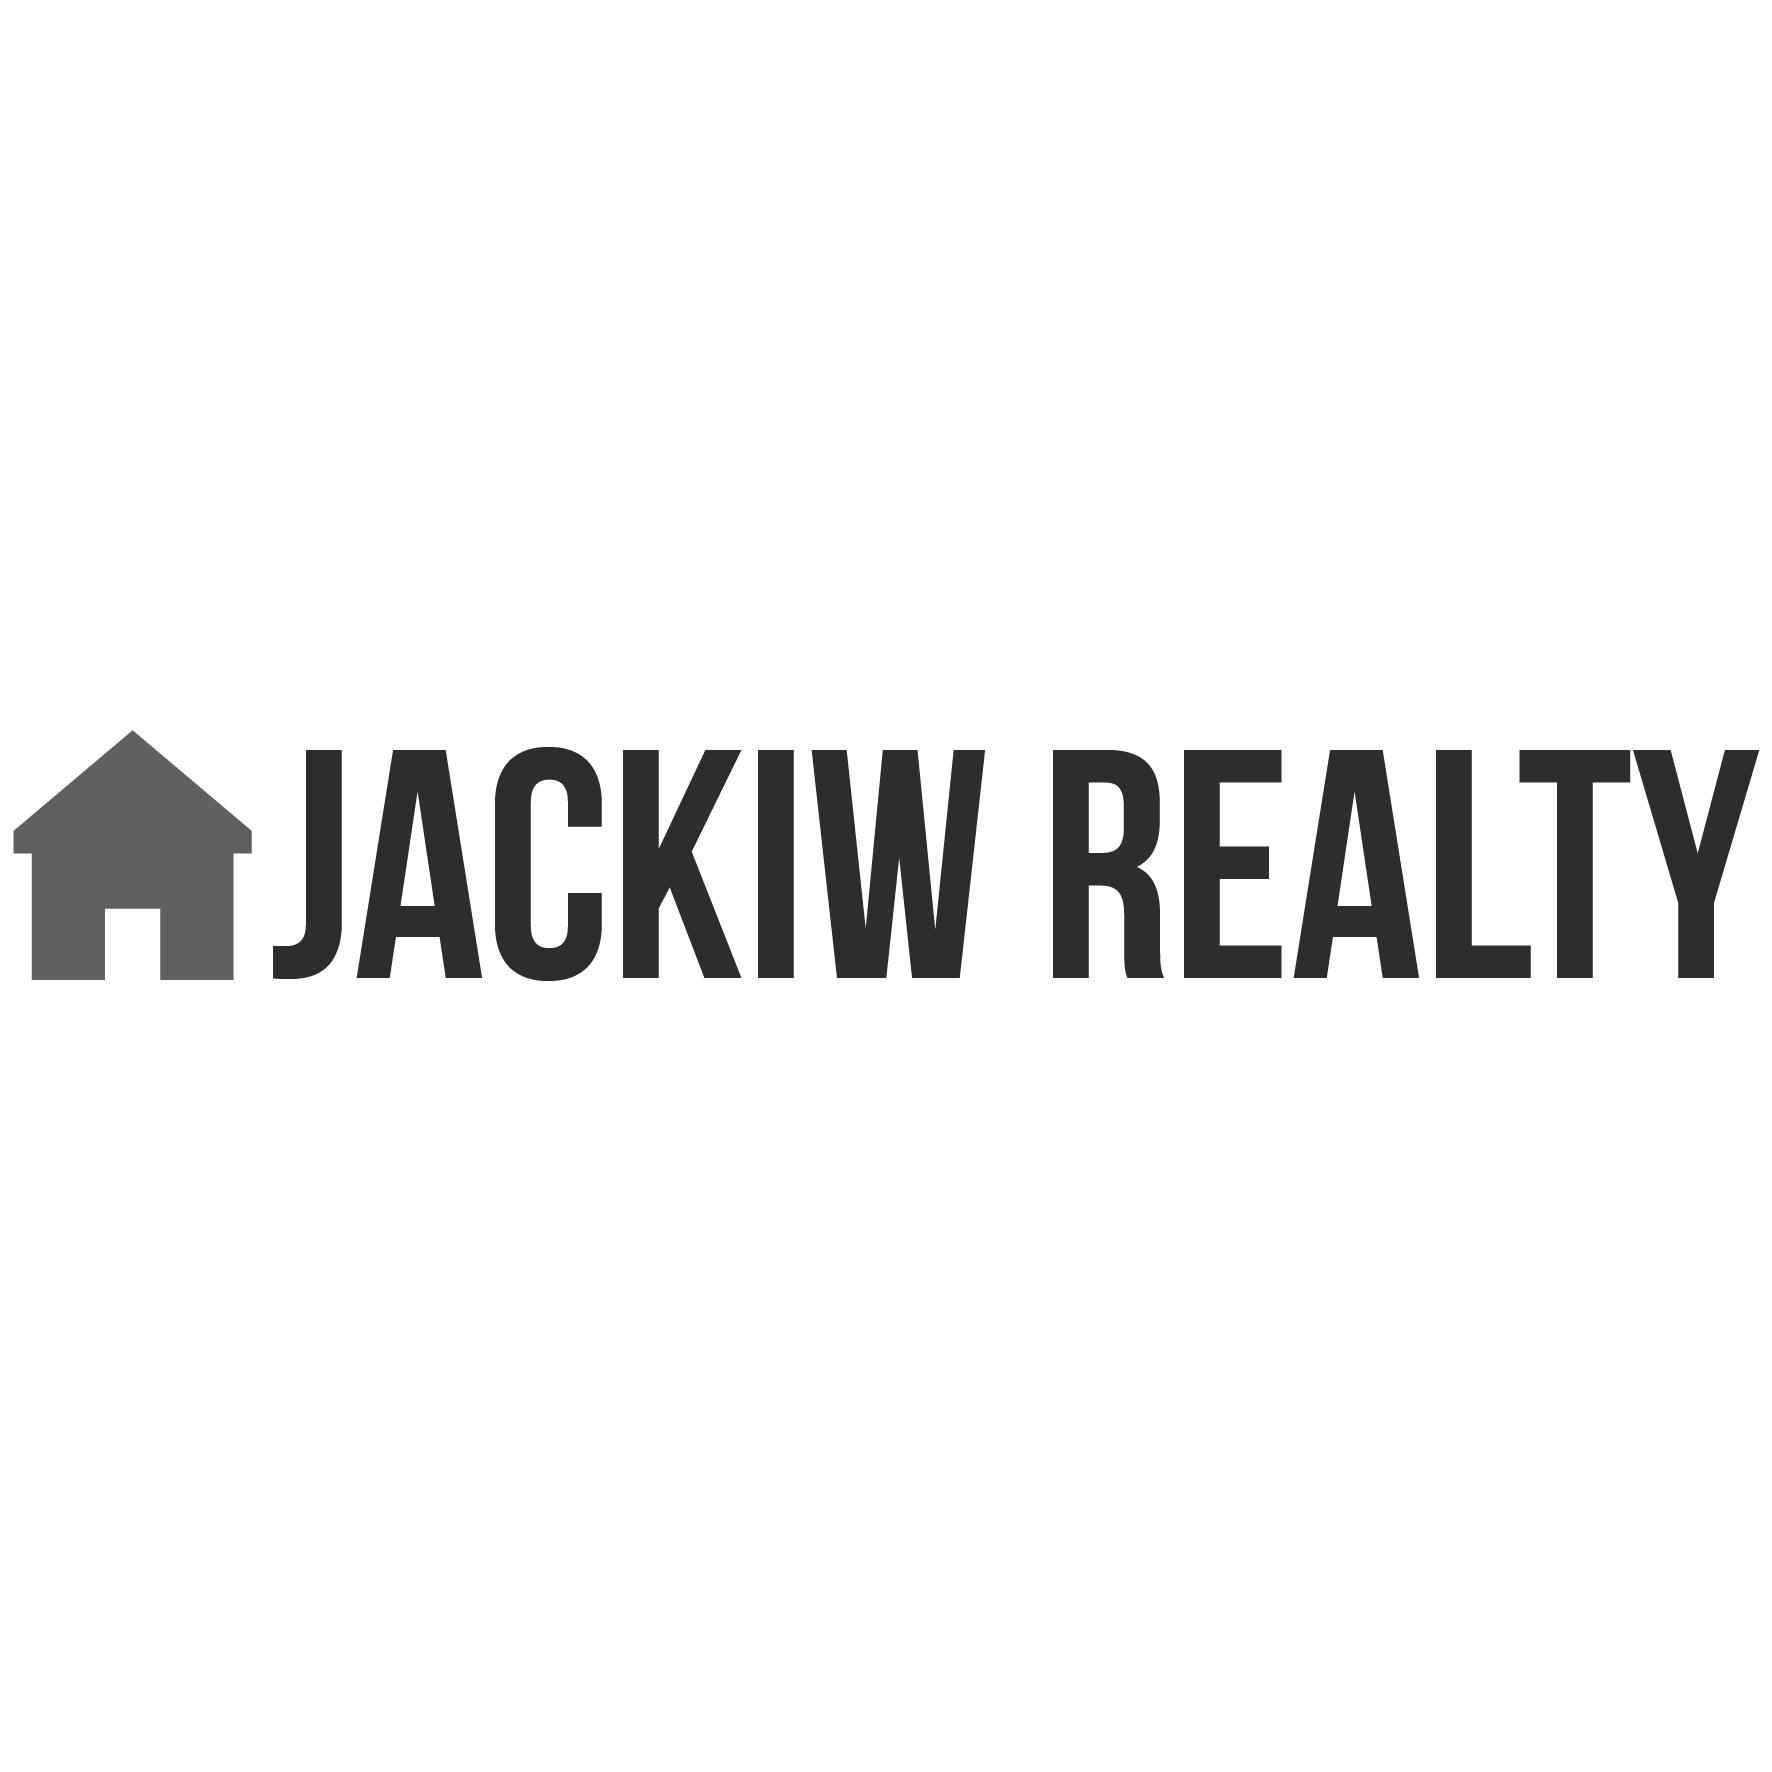 Jackiw Realty